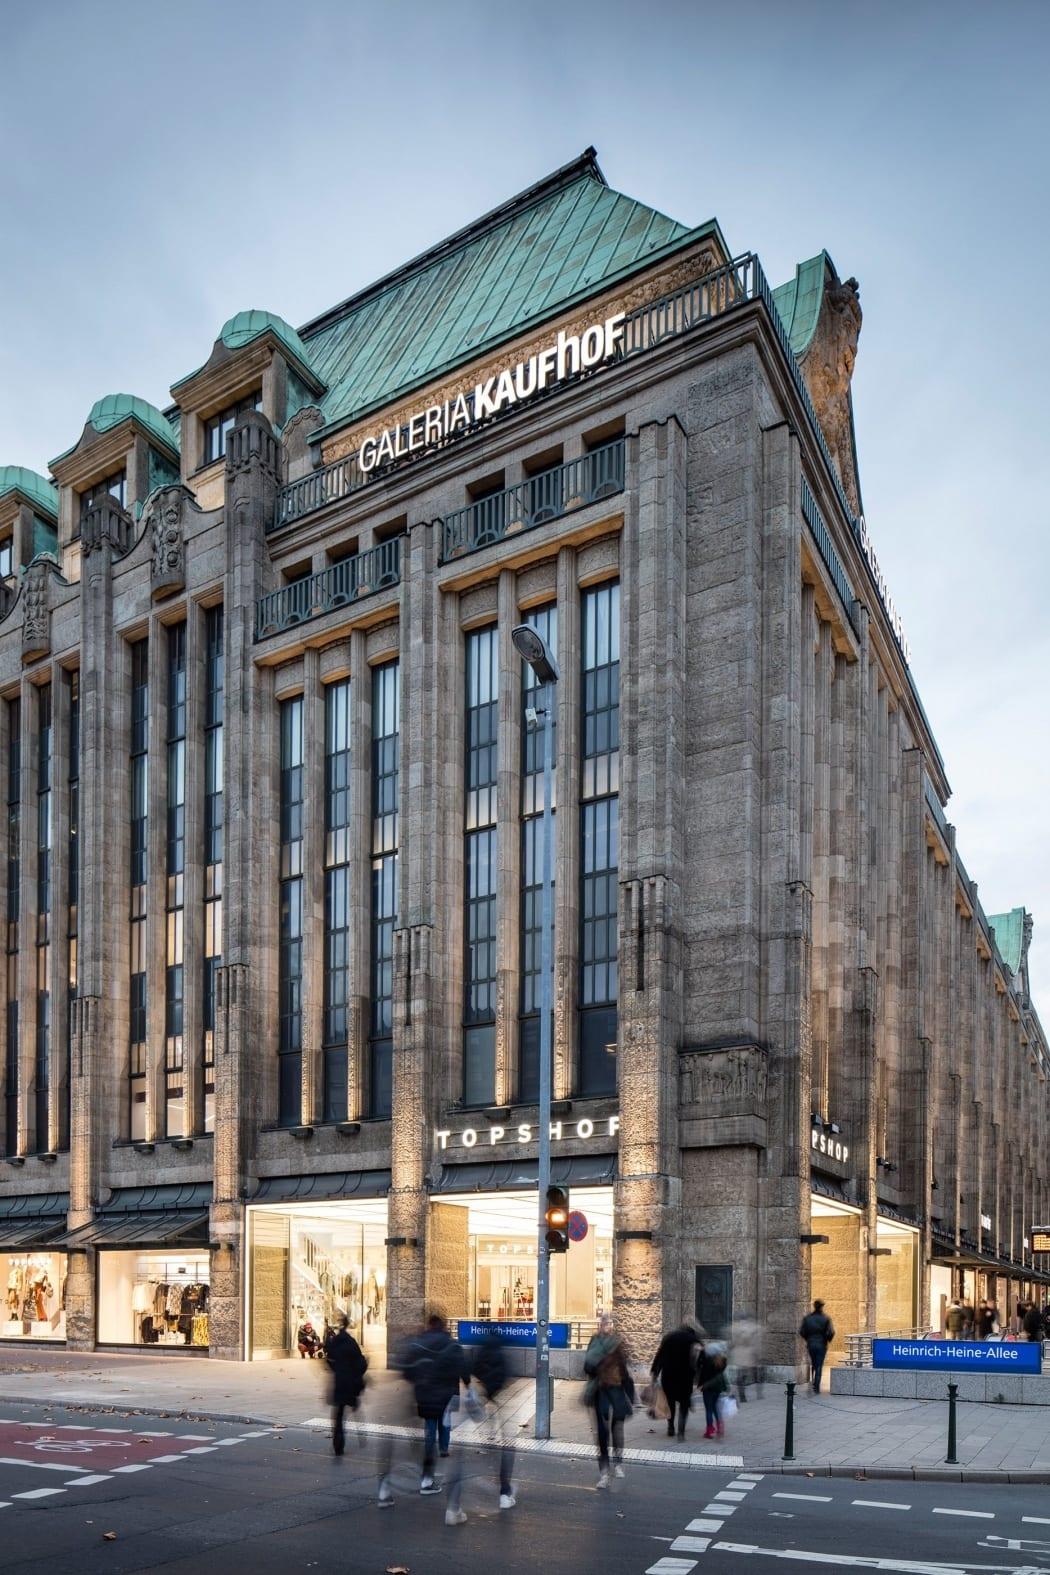 RKW Duesseldorf TOPSHOP Modemarke Shop in Shop Textilanbieter Kaufhof Marcus Pietrek 02